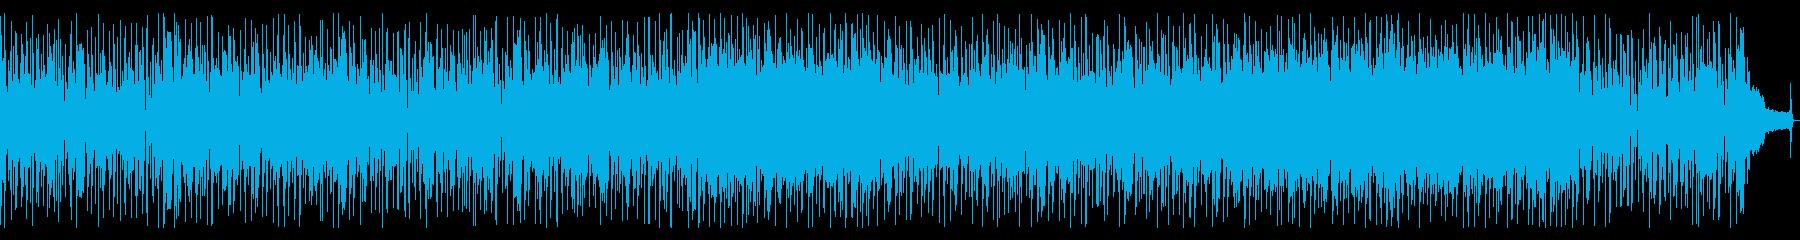 サックスがセクシーなアーバンフュージョンの再生済みの波形